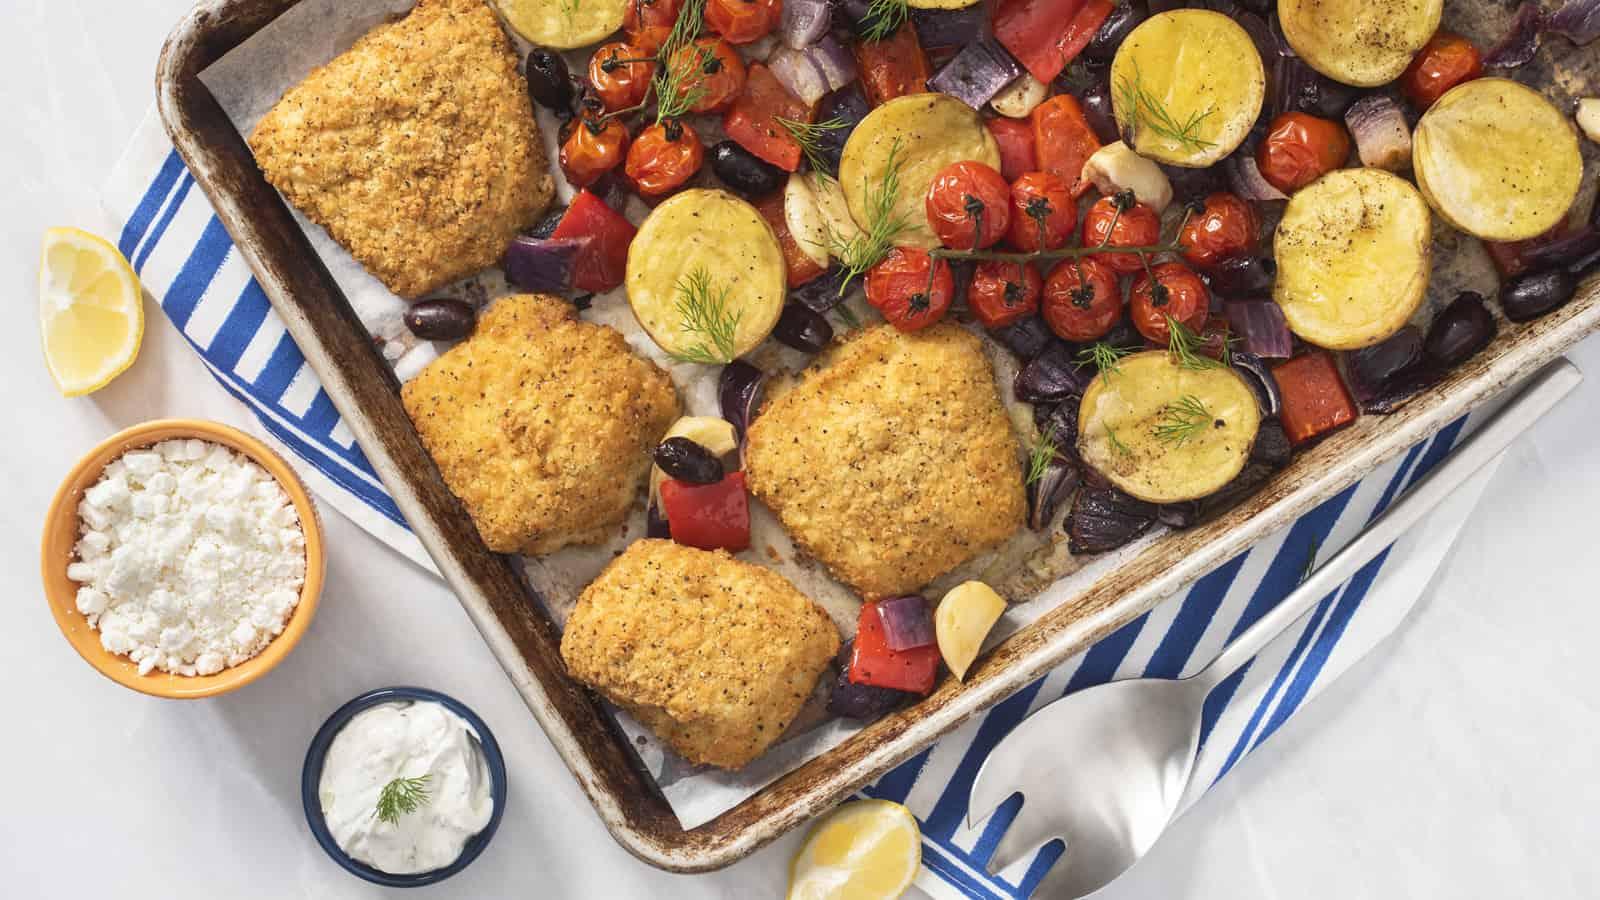 Dîner au poisson grec croustillant sur plaque